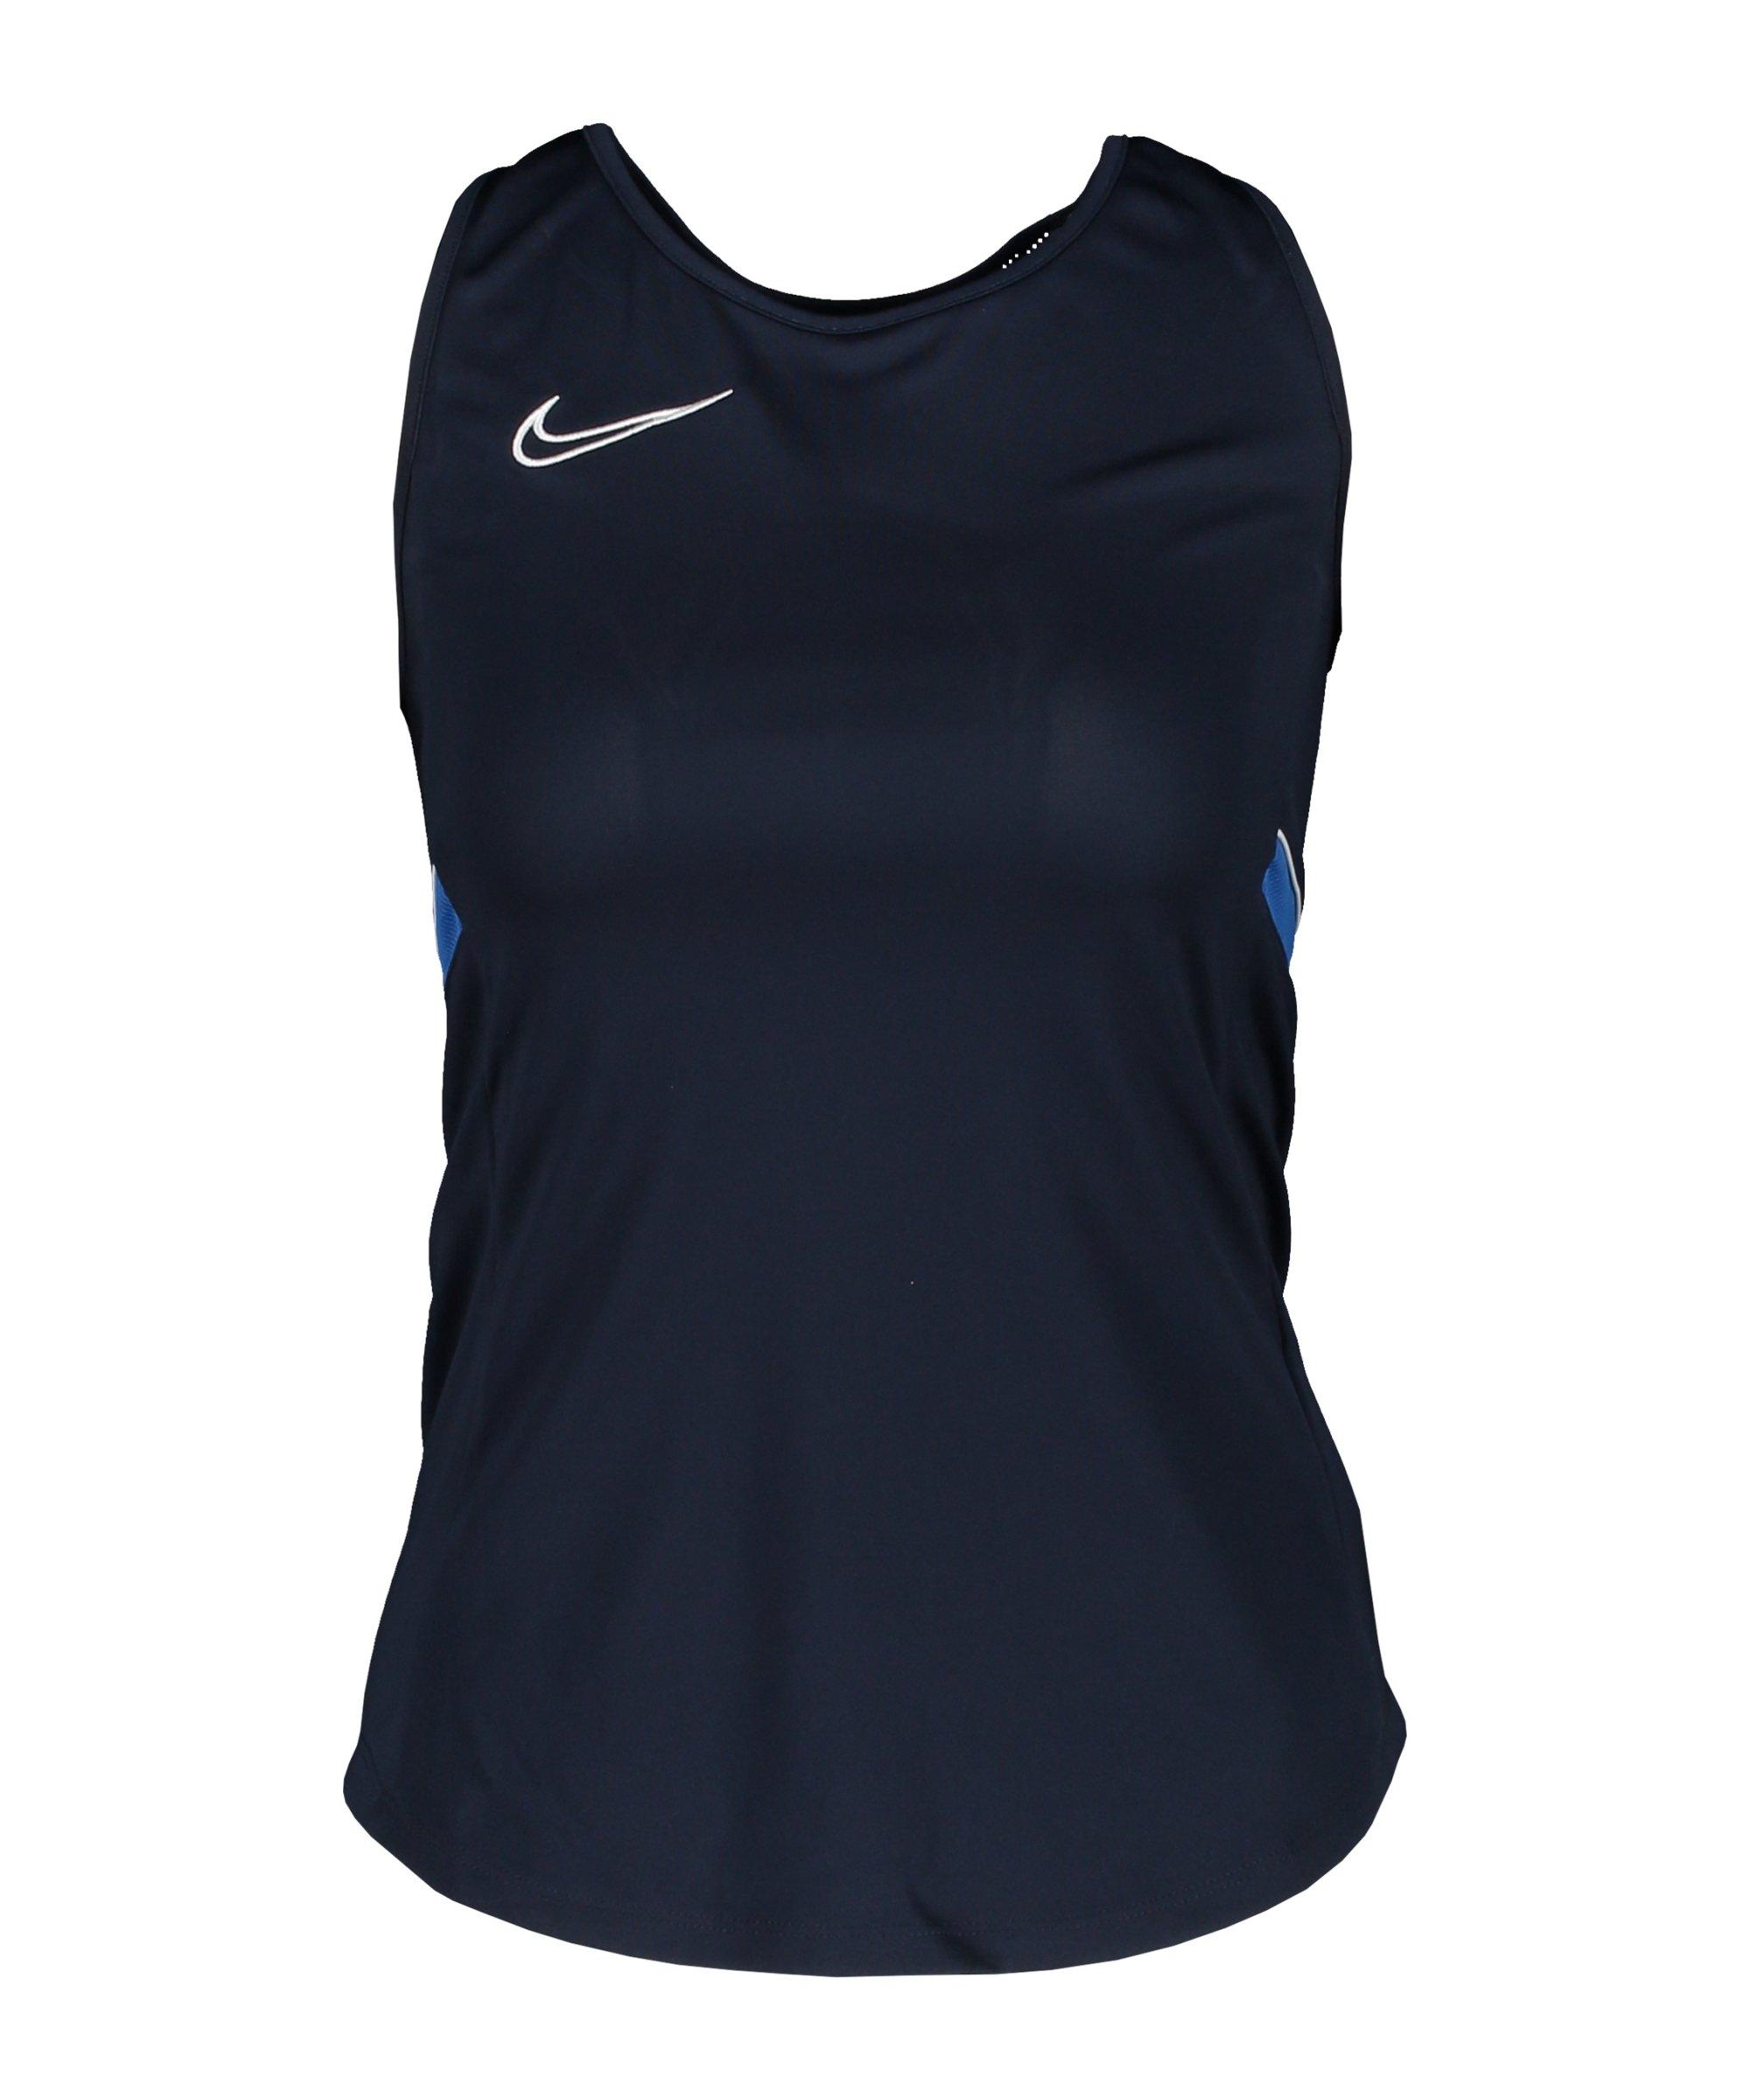 Nike Academy 21 Tanktop Damen Blau Weiss F453 - blau